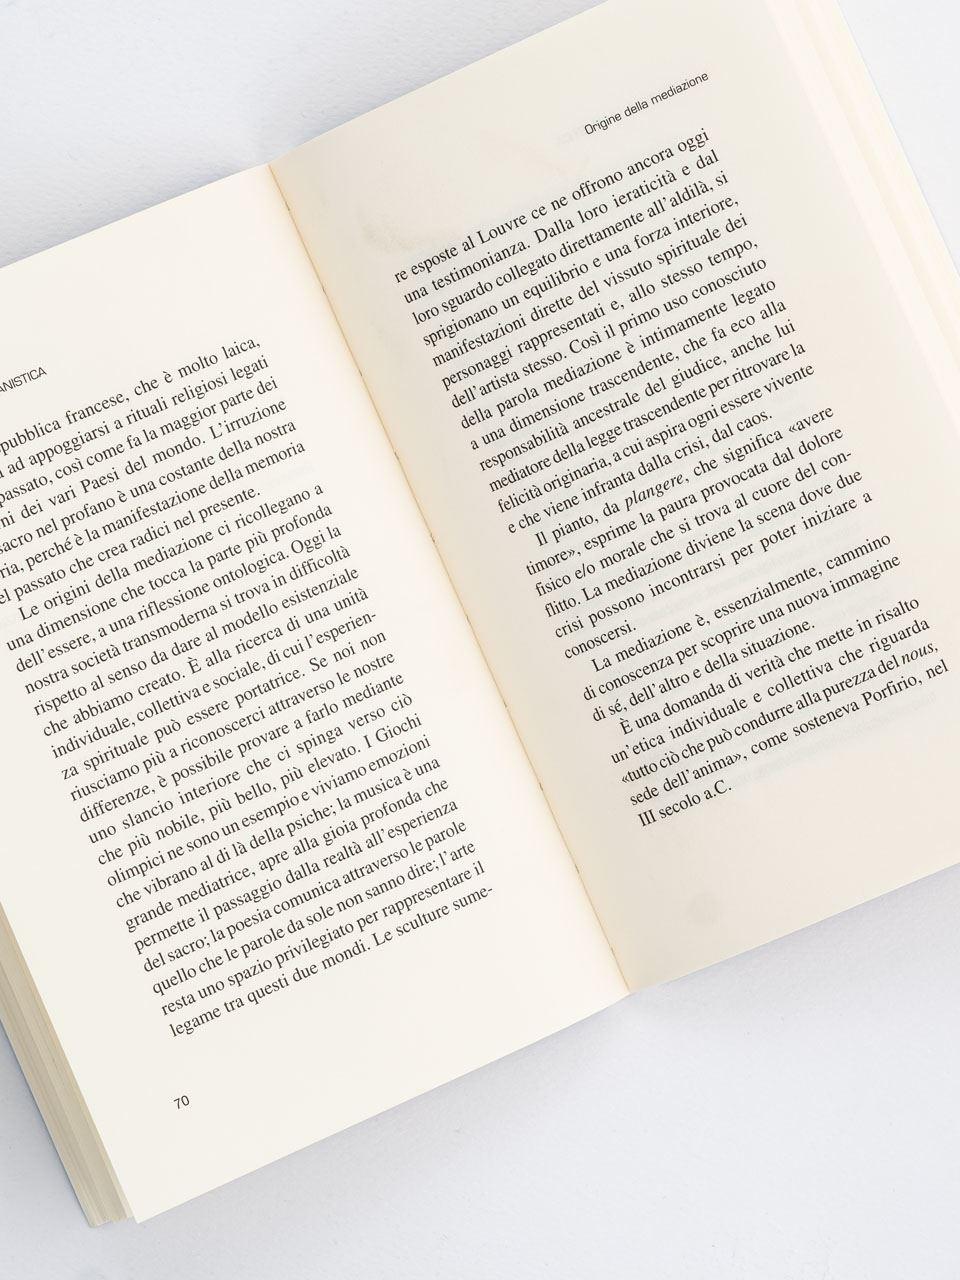 La mediazione umanistica - Libri - Erickson 2